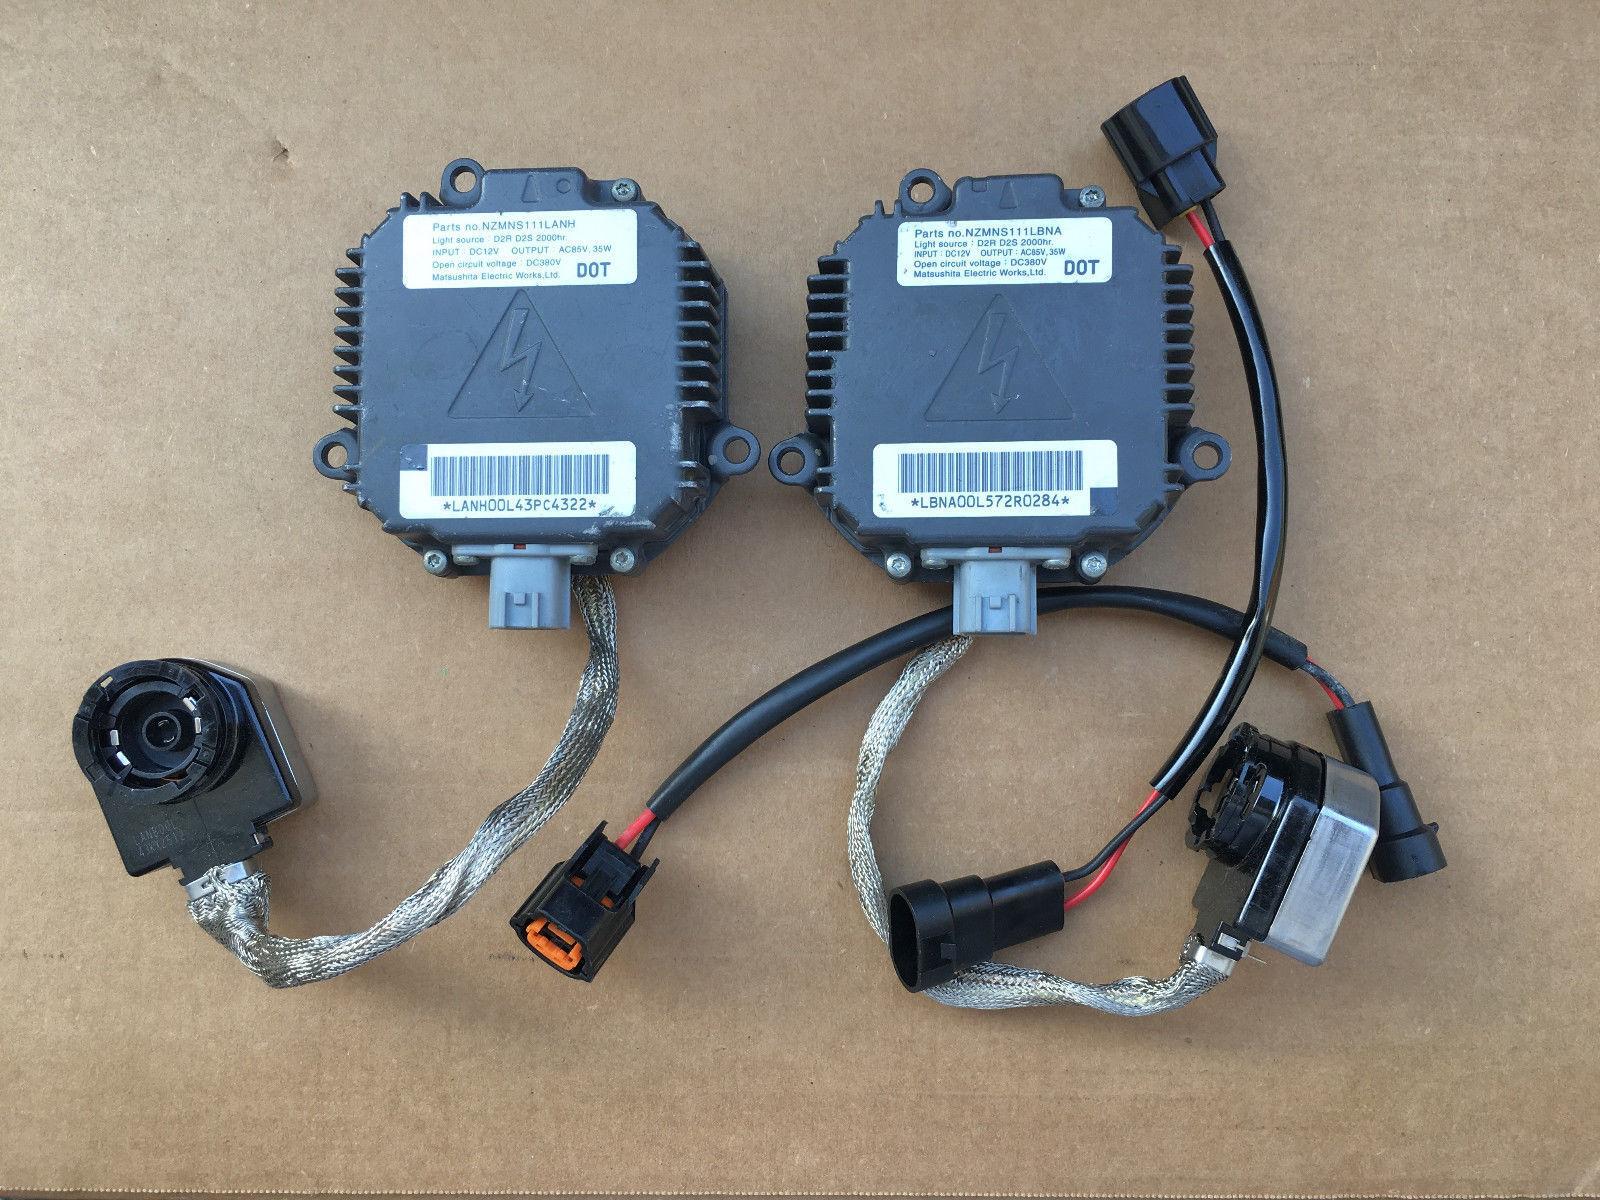 2004 Nissan Maxima Headlight Wiring Harness : Nissan z xenon headlight wiring harness